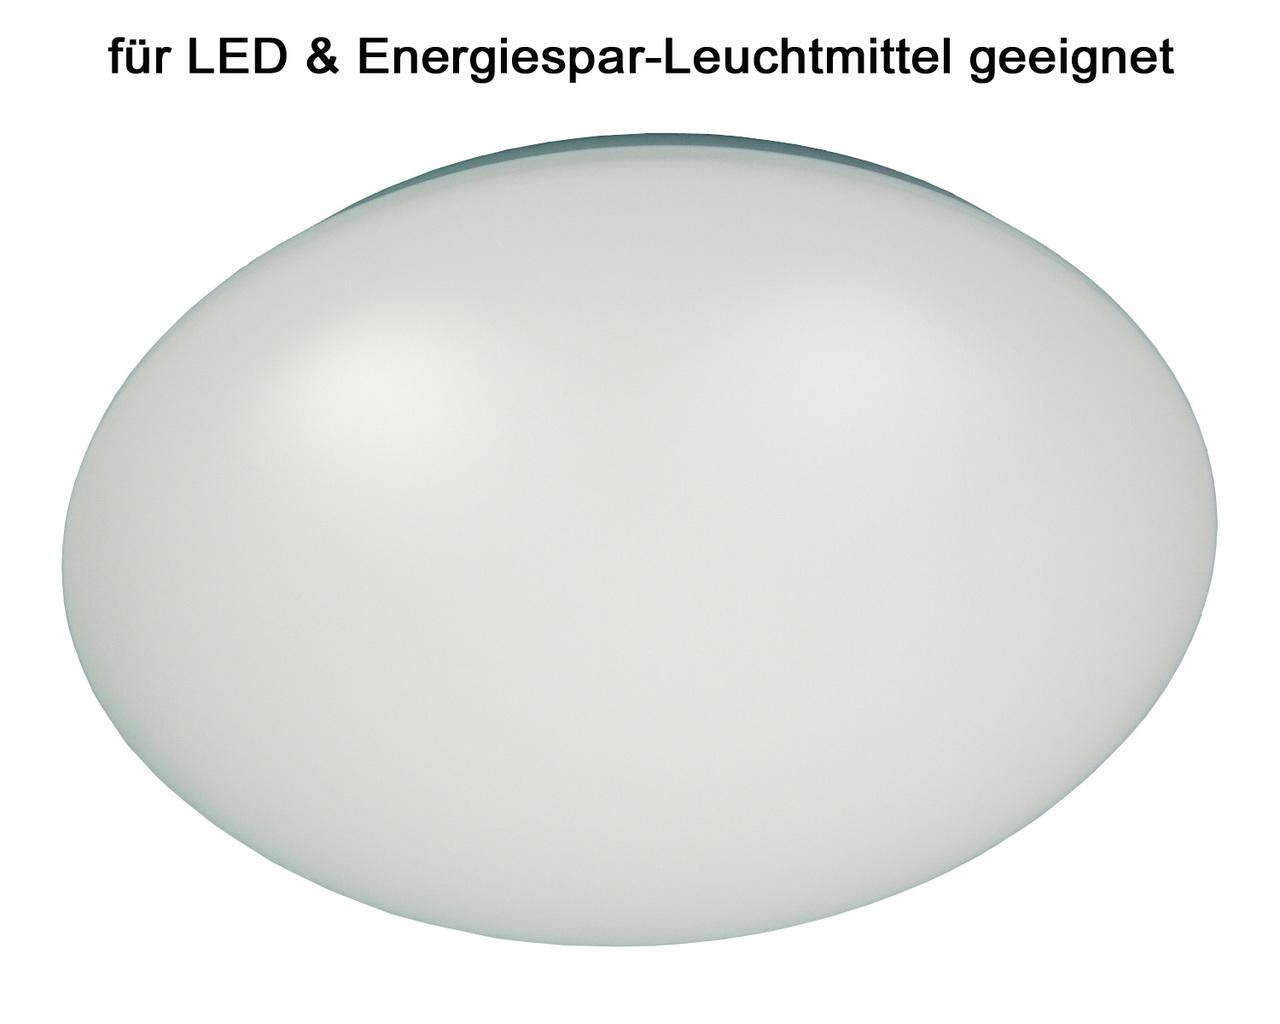 Niermann Kinderleuchte Deckenleuchte Kunststoff PMMA, Weiß, Kunststoff/Metall, 68029